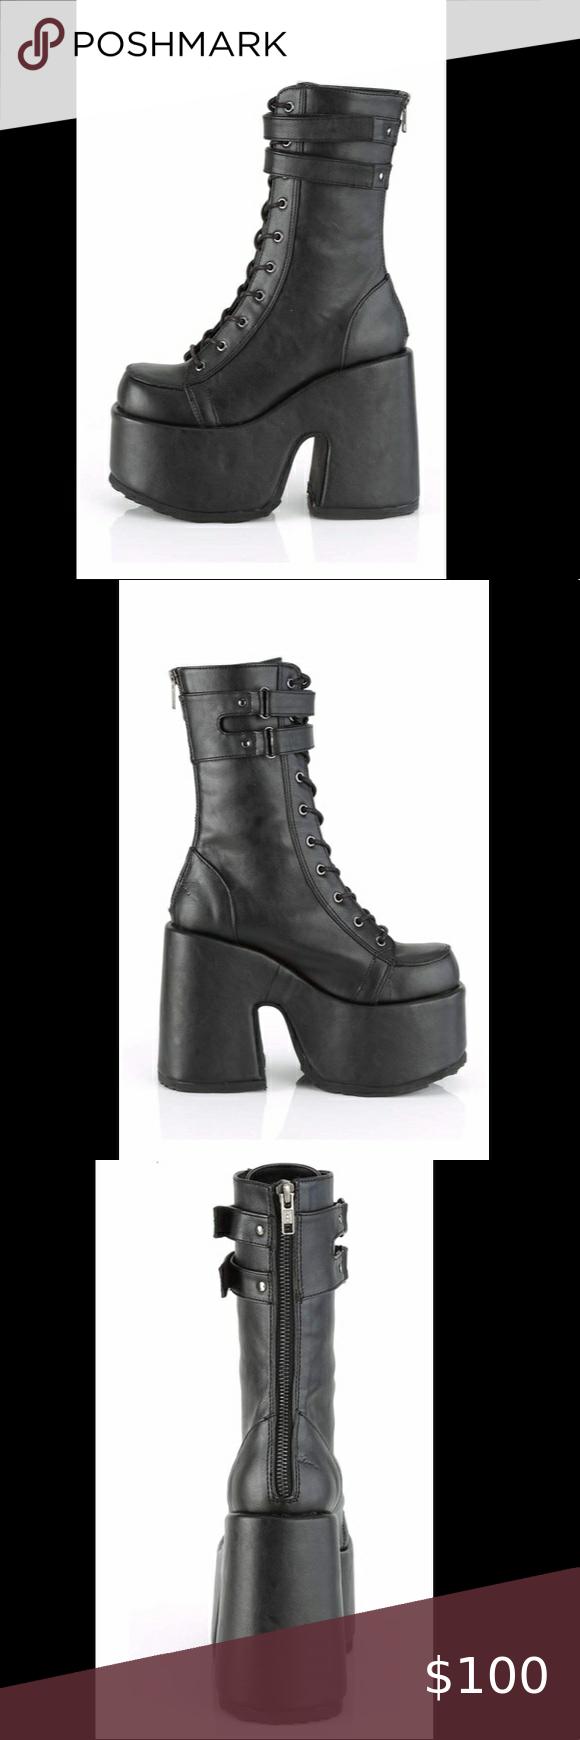 Vegan leather black comfy platform